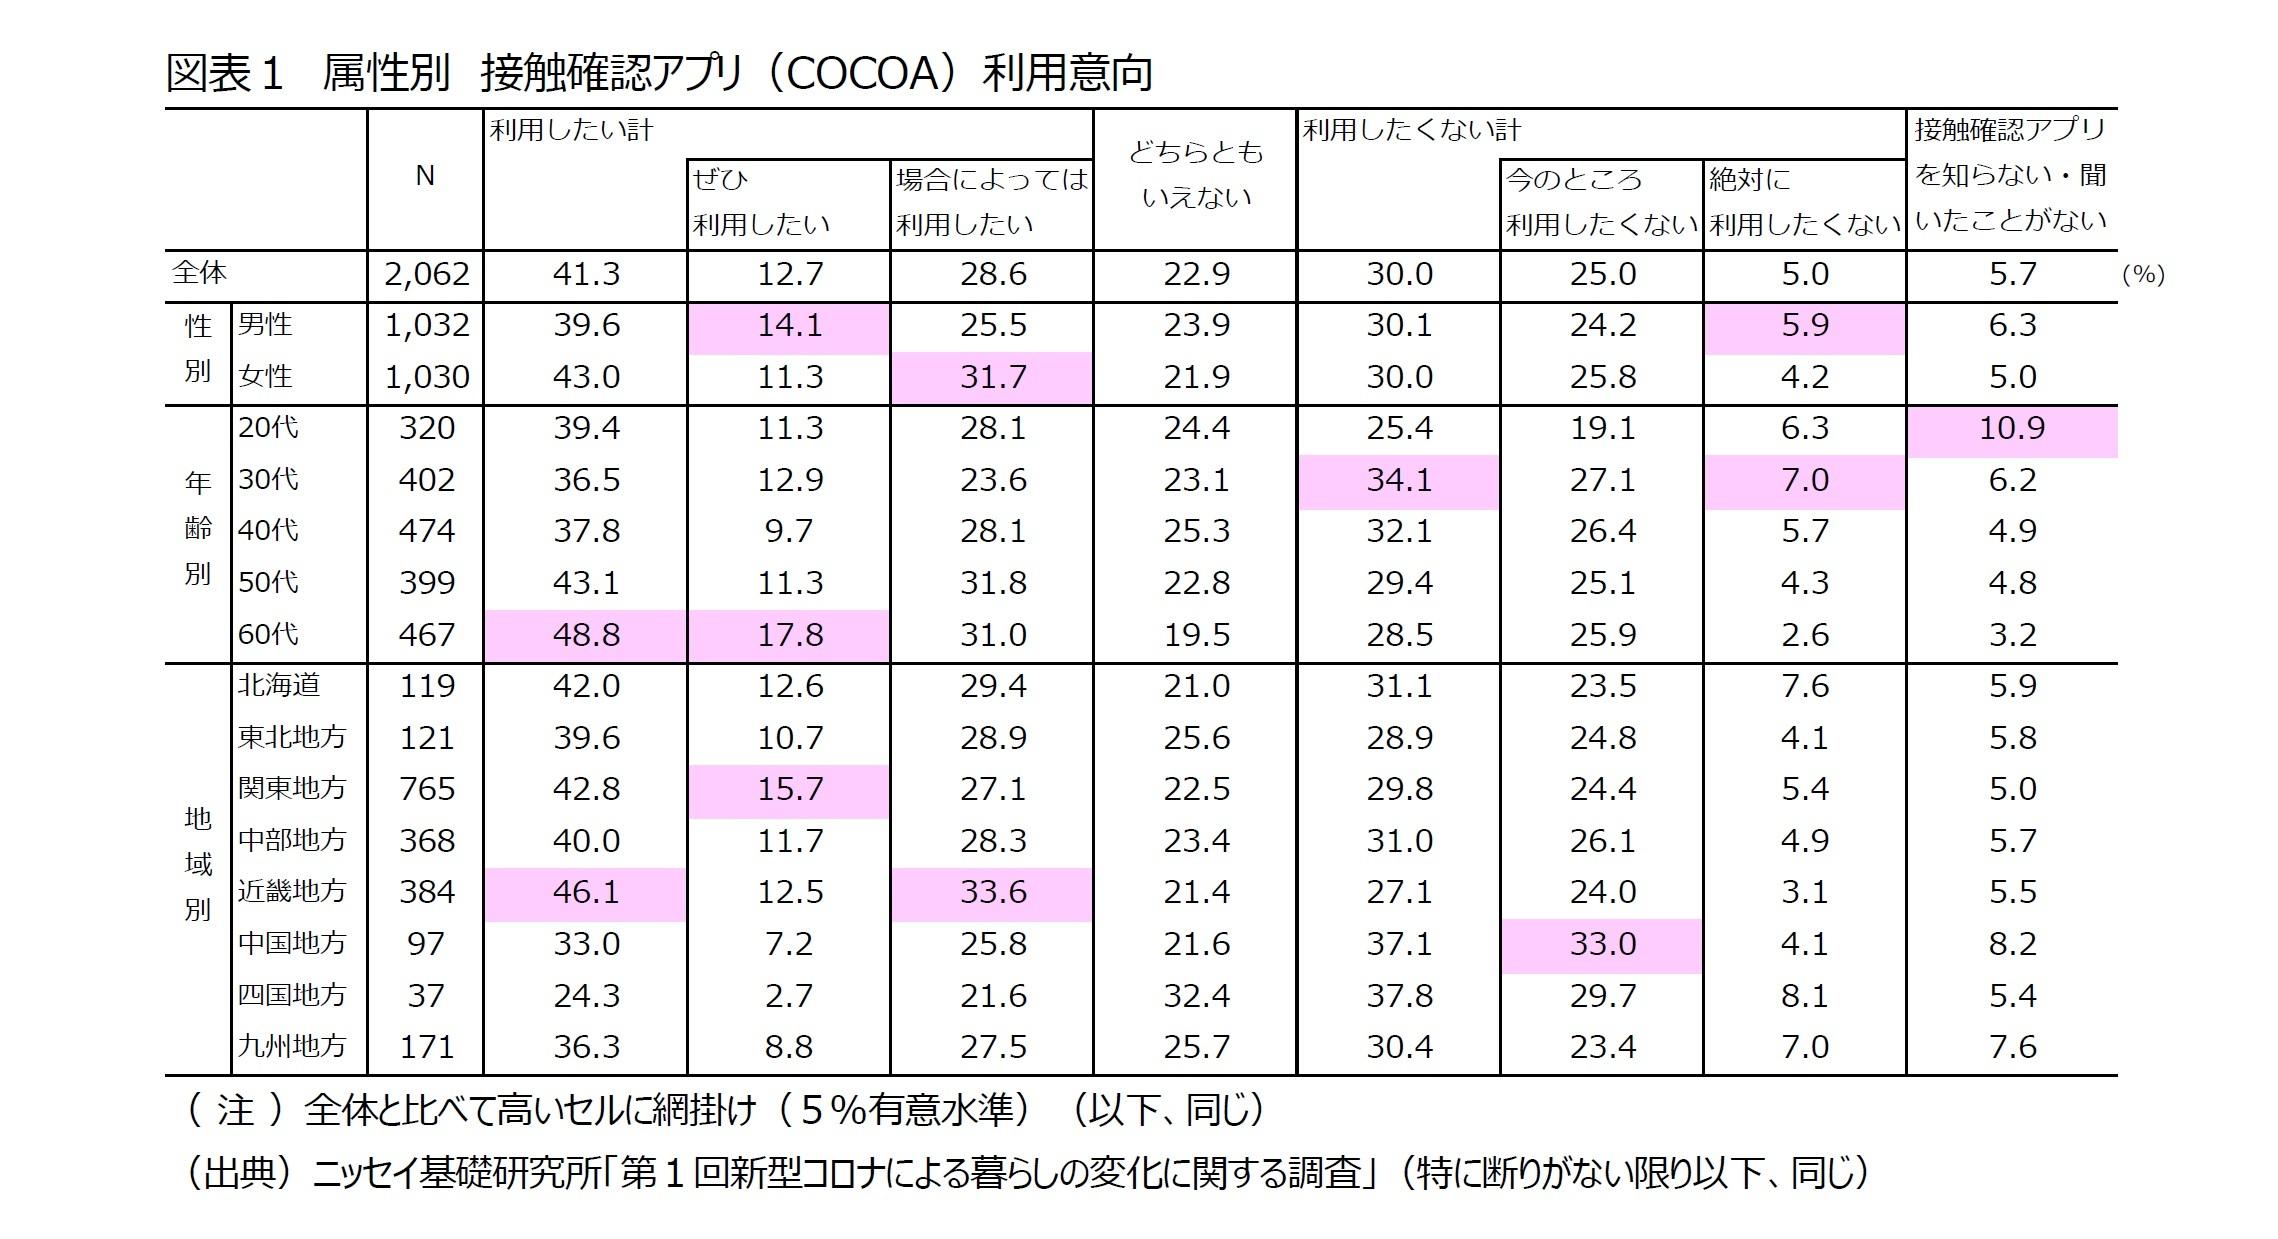 図表1 属性別 接触確認アプリ(COCOA)利用意向